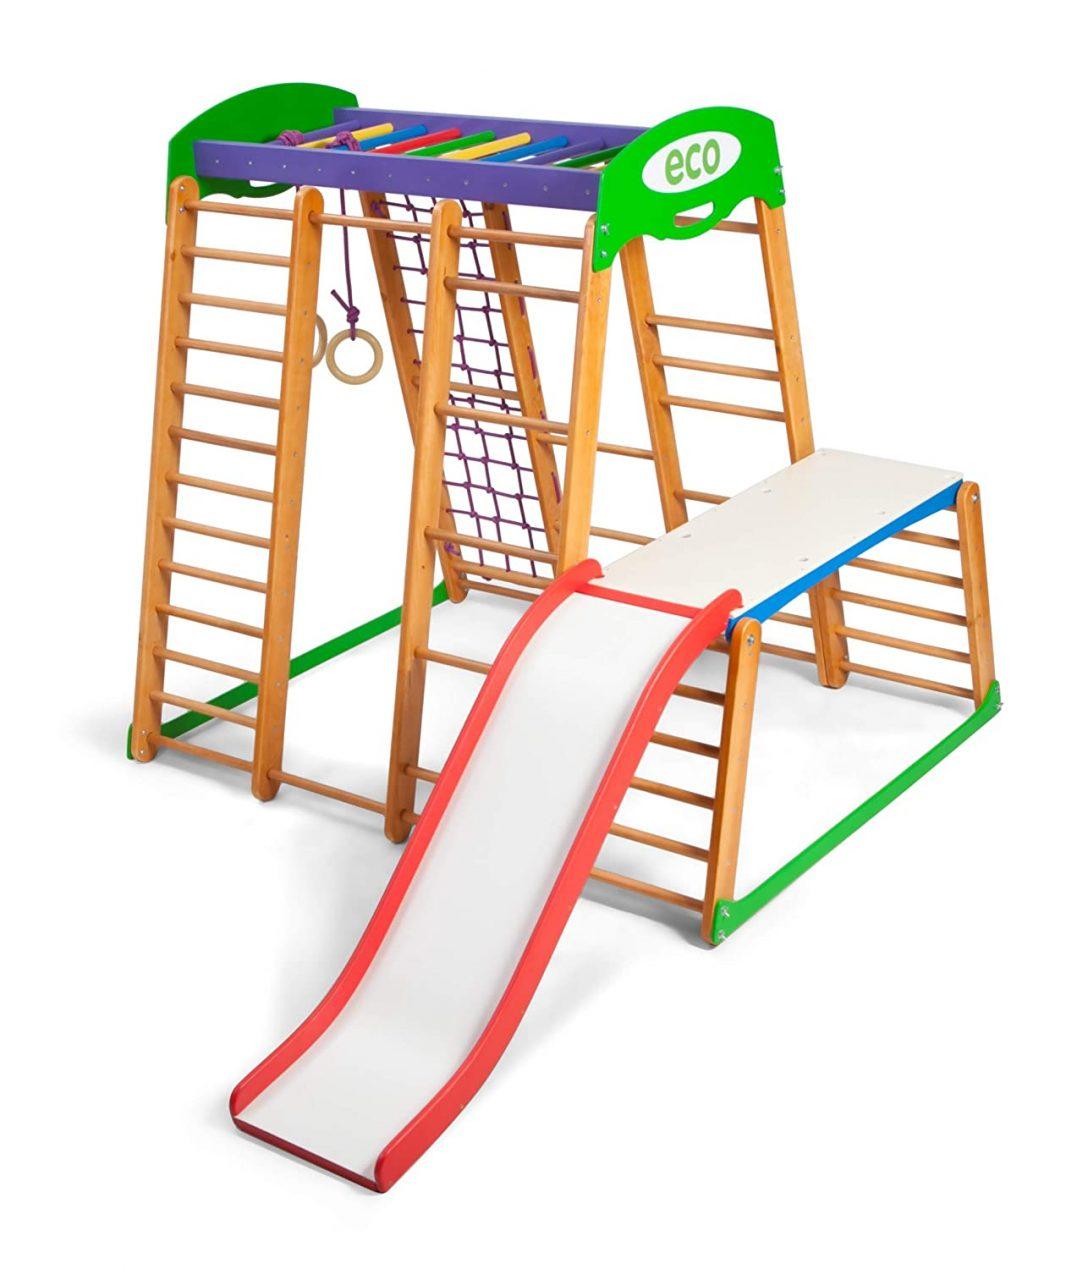 Large Size of Klettergerüst Indoor Kindsport Aktivittsspielzeug Kletterturm Mit Rutsche Garten Wohnzimmer Klettergerüst Indoor